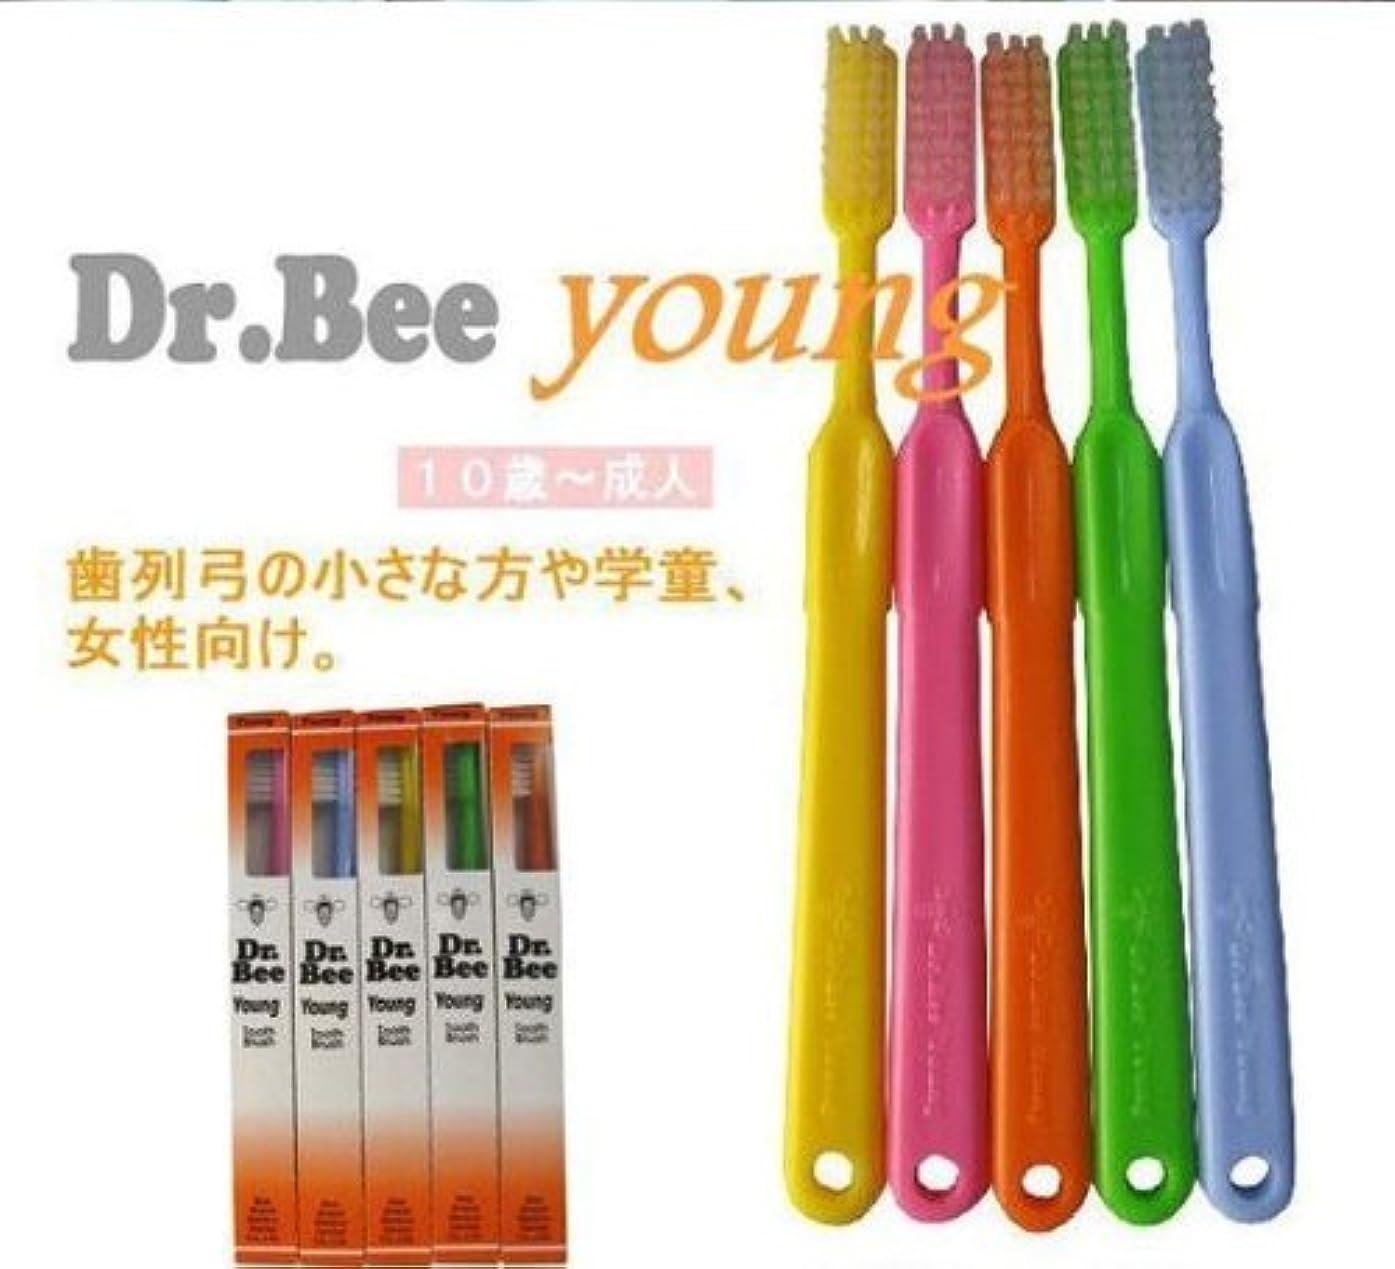 パーチナシティスクラップブック課税BeeBrand Dr.BEE 歯ブラシヤング かため